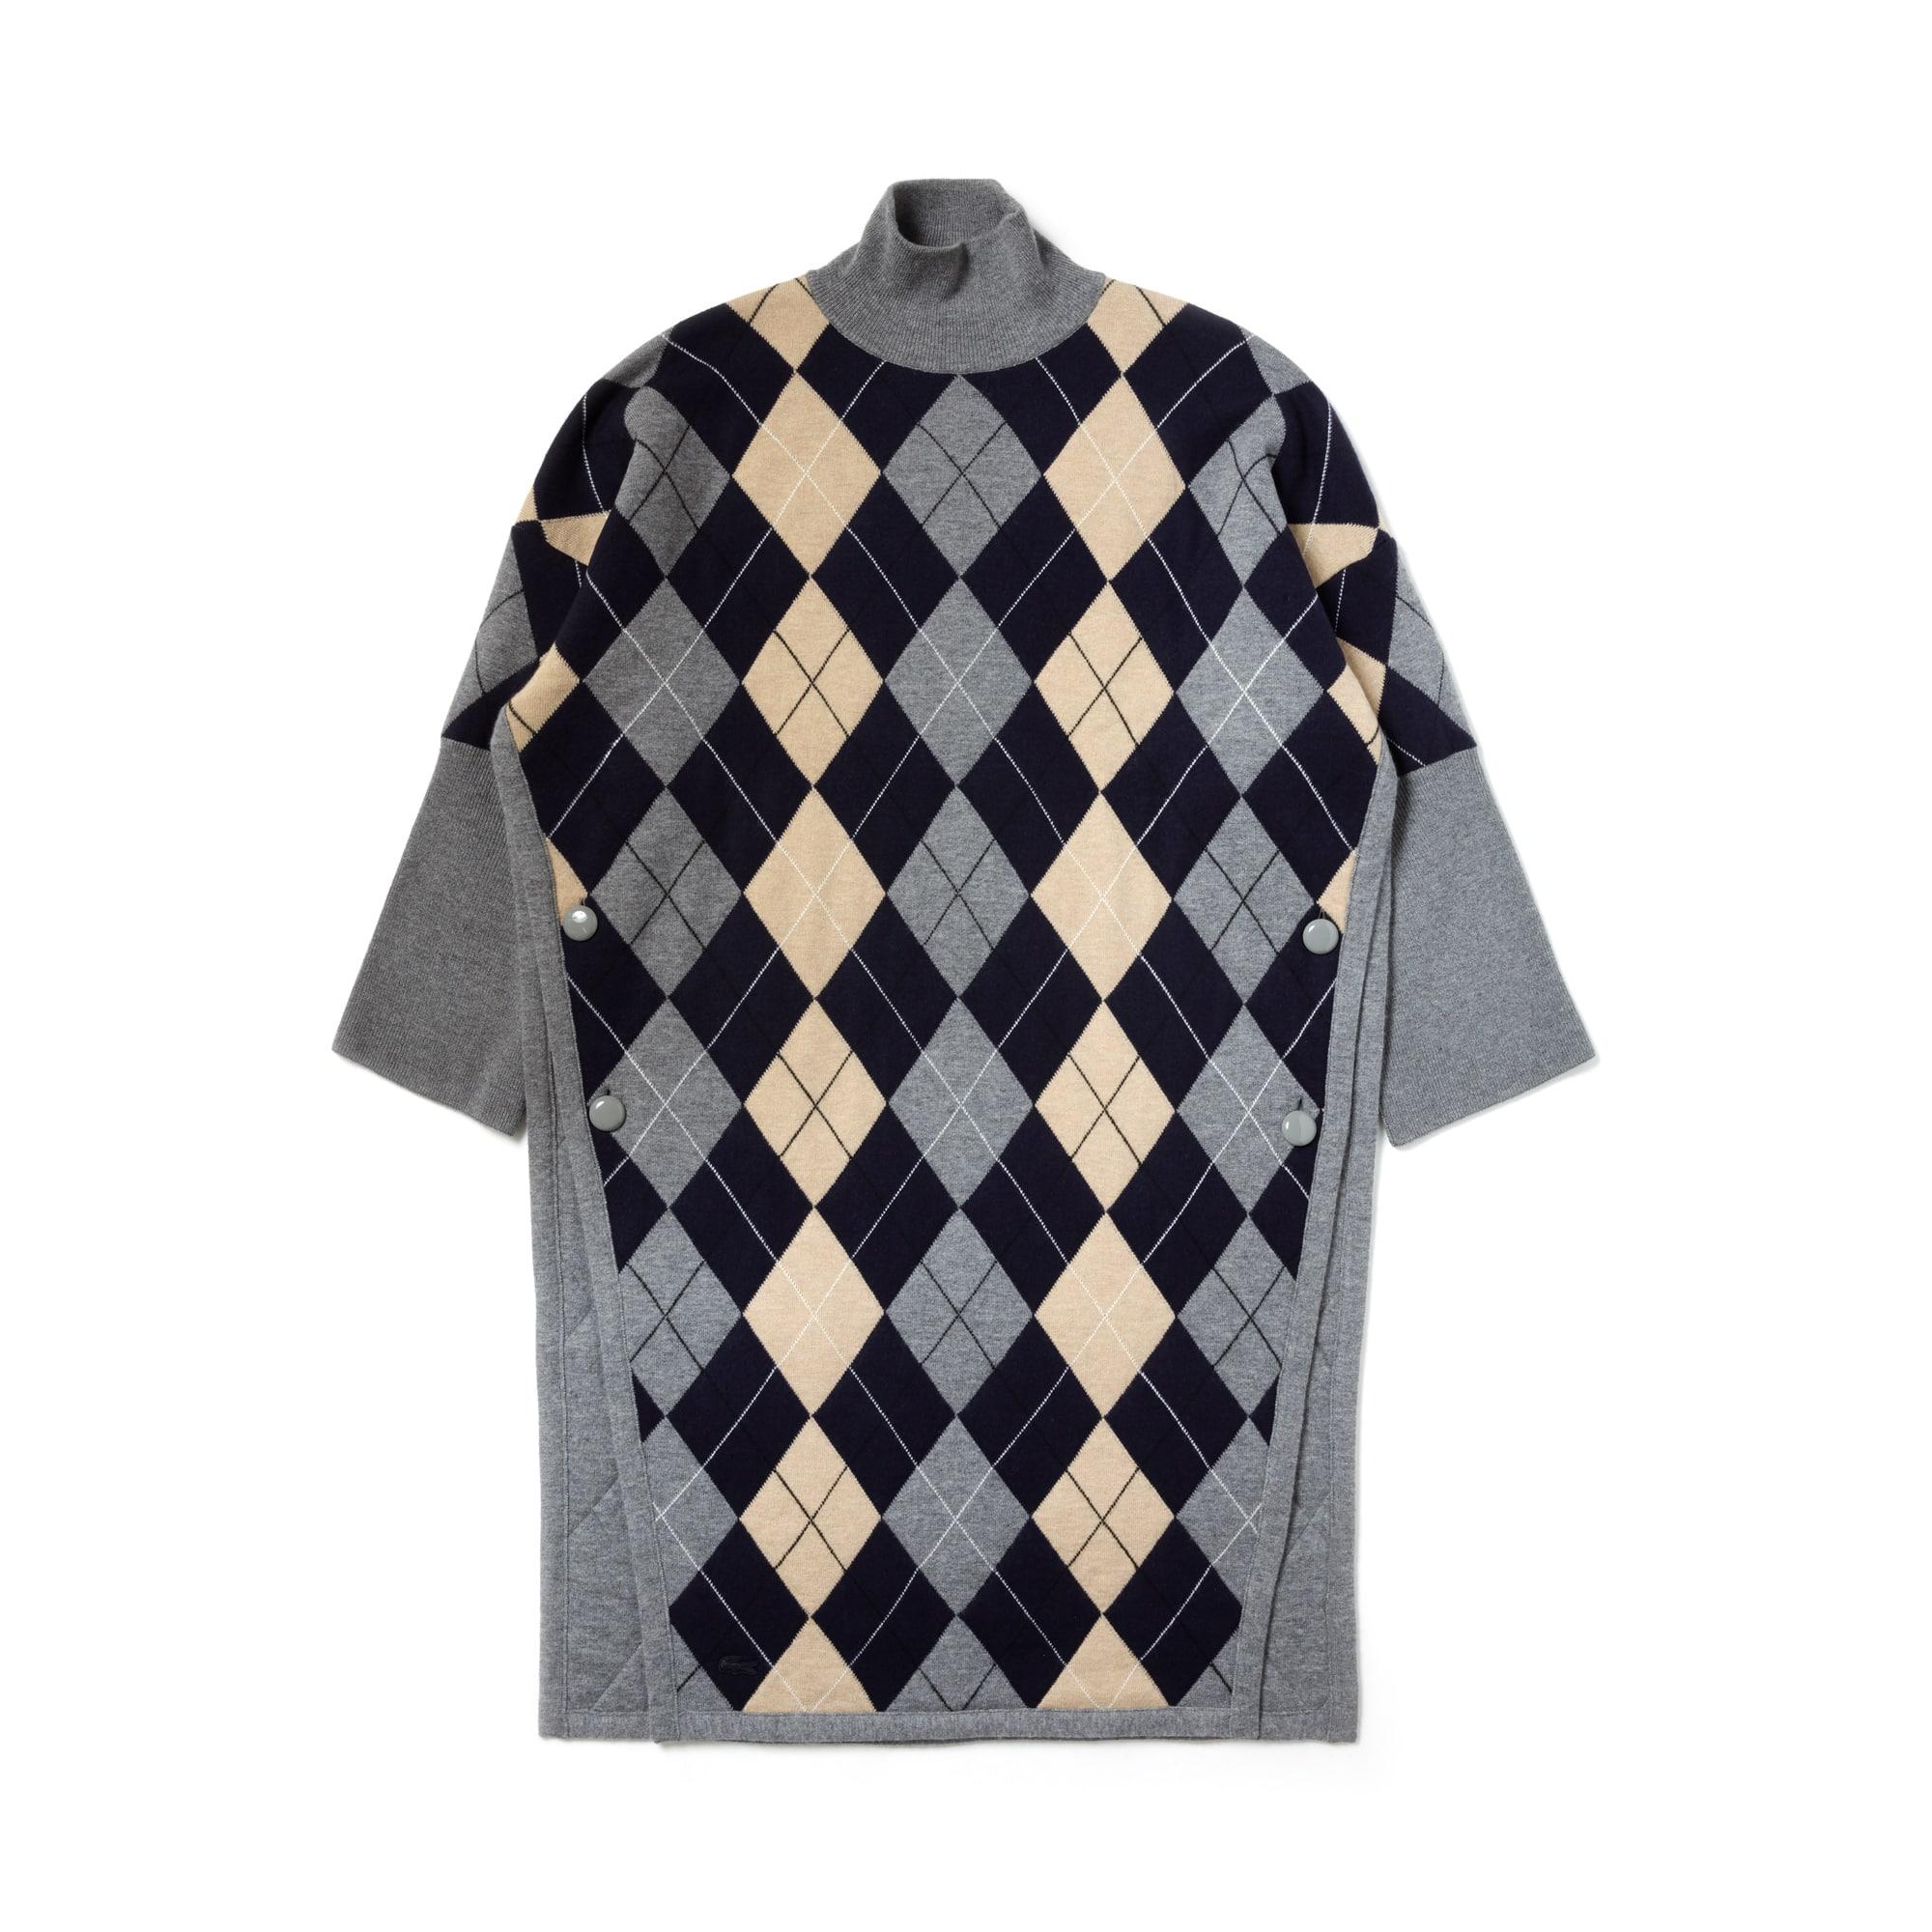 라코스테 Lacoste Womens Fashion Show Argyle Wool Jacquard Poncho Dress,TUAREG/코스 COSMOS-AULNE-FLOUR